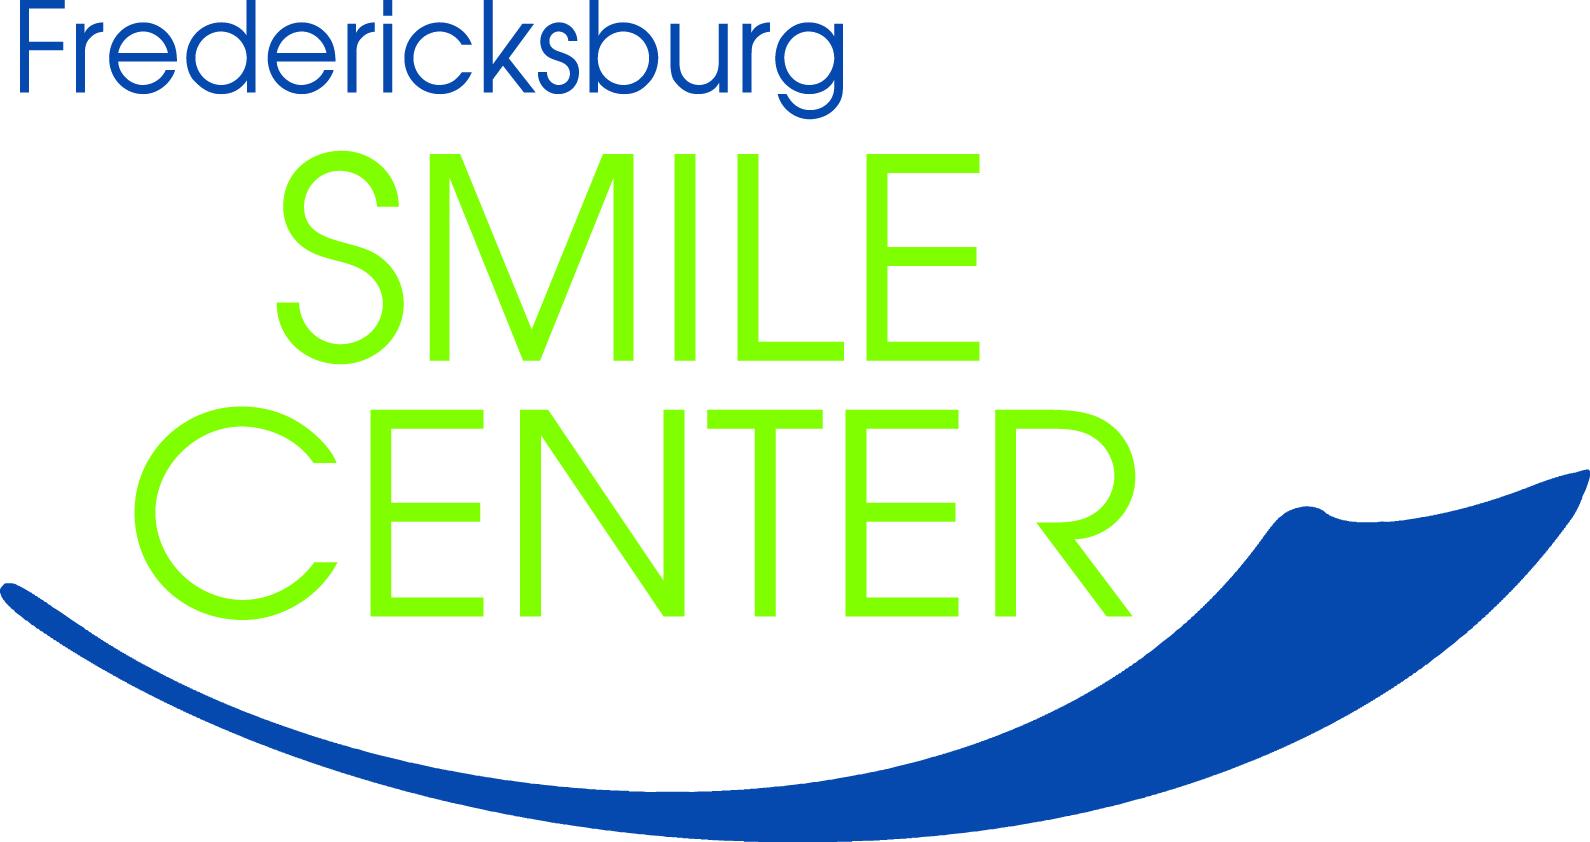 Fredericksburg Smile Center